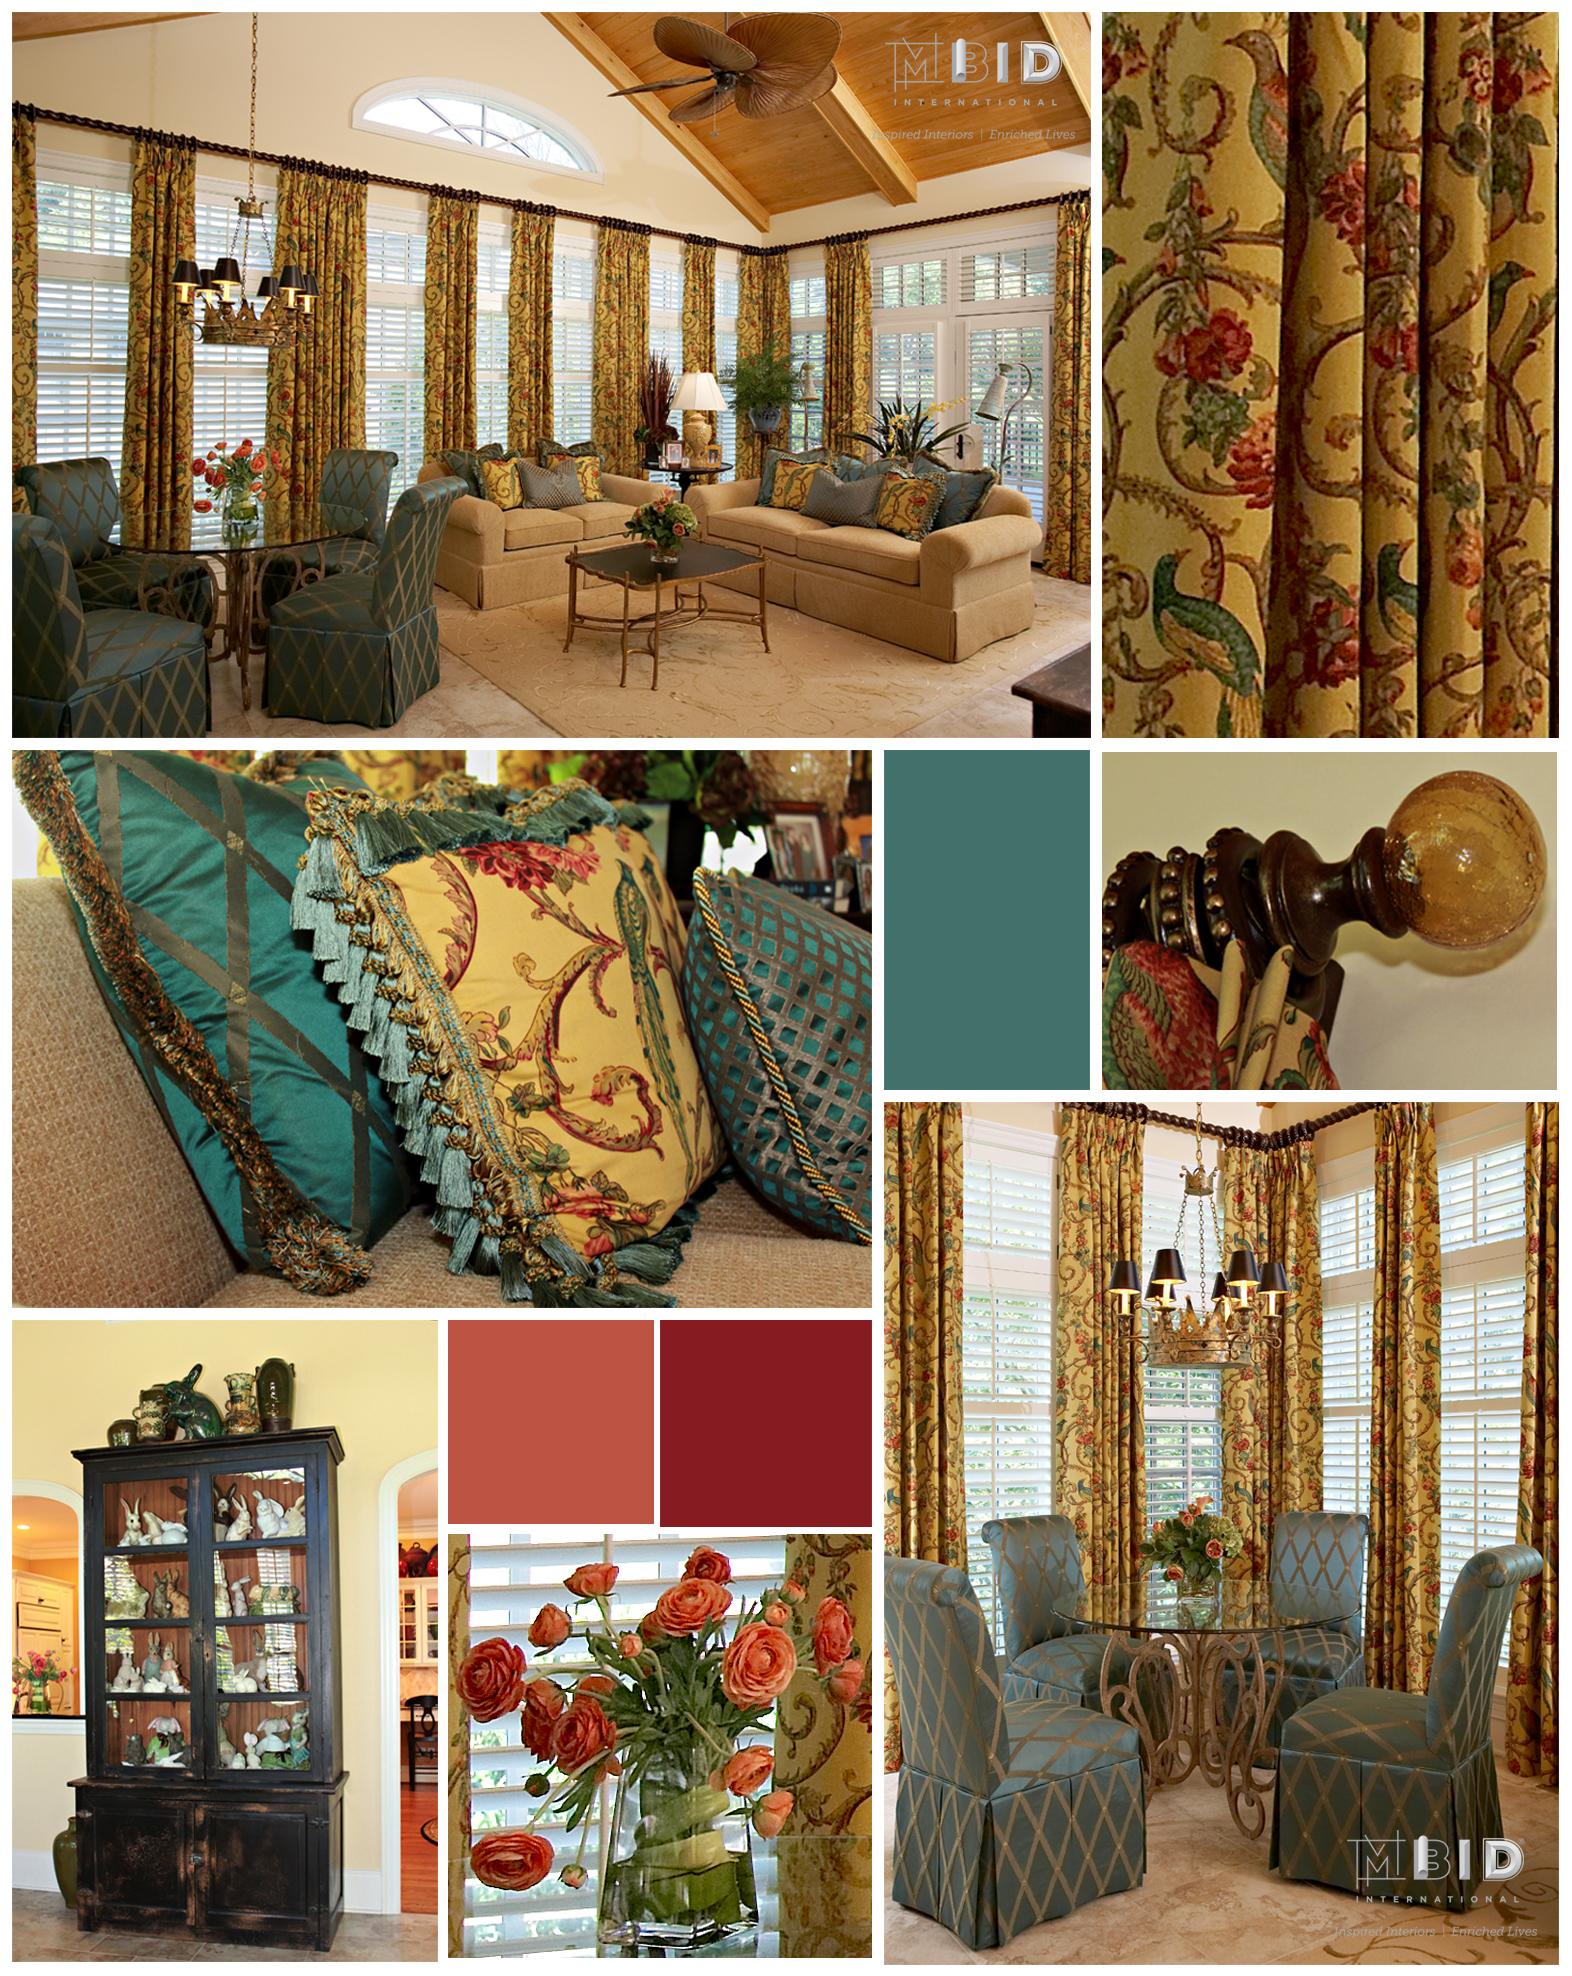 Interior Design Greensboro Nc Sunroom Interior Design Indoor Outdoor Greensboro Nc  Mbid .